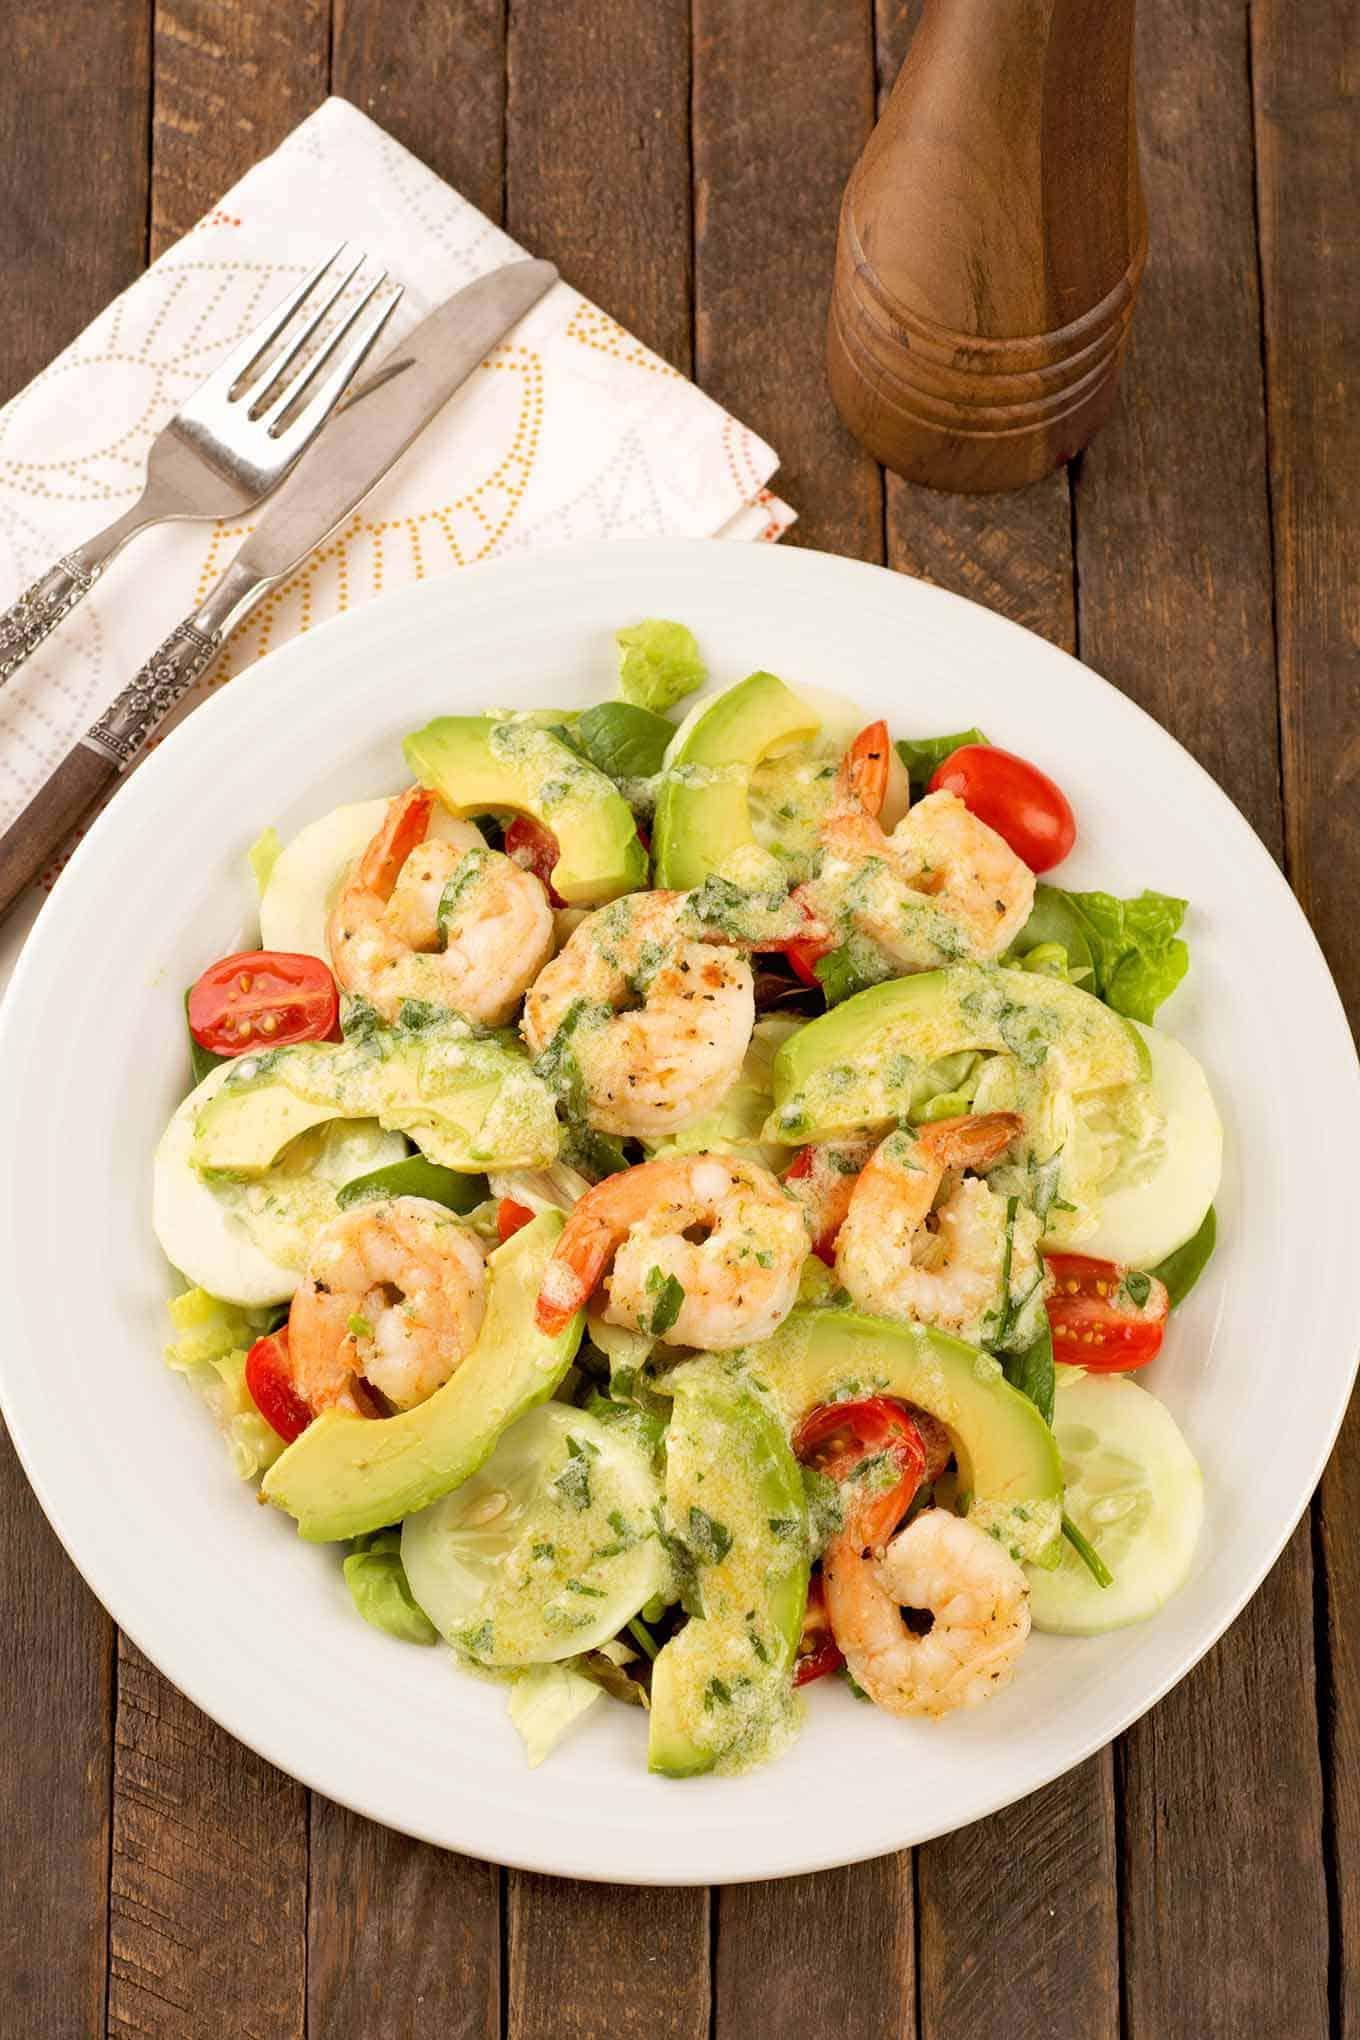 Shrimp and Avocado Salad with Fresh Tarragon Dressing